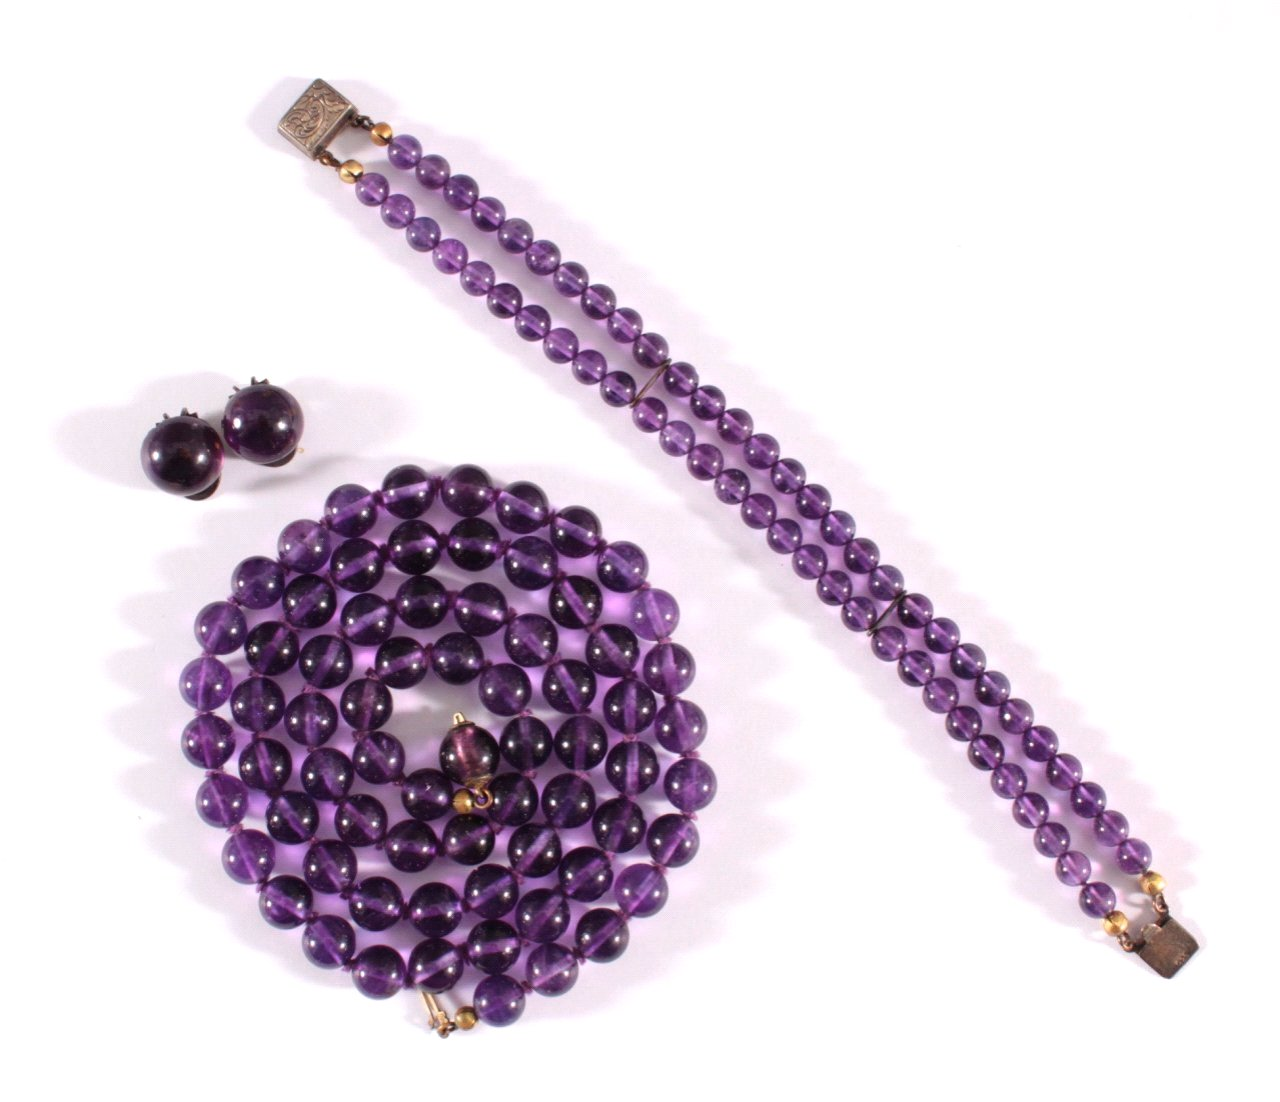 Halskette, Armband und Ohrclips aus Amethyst,